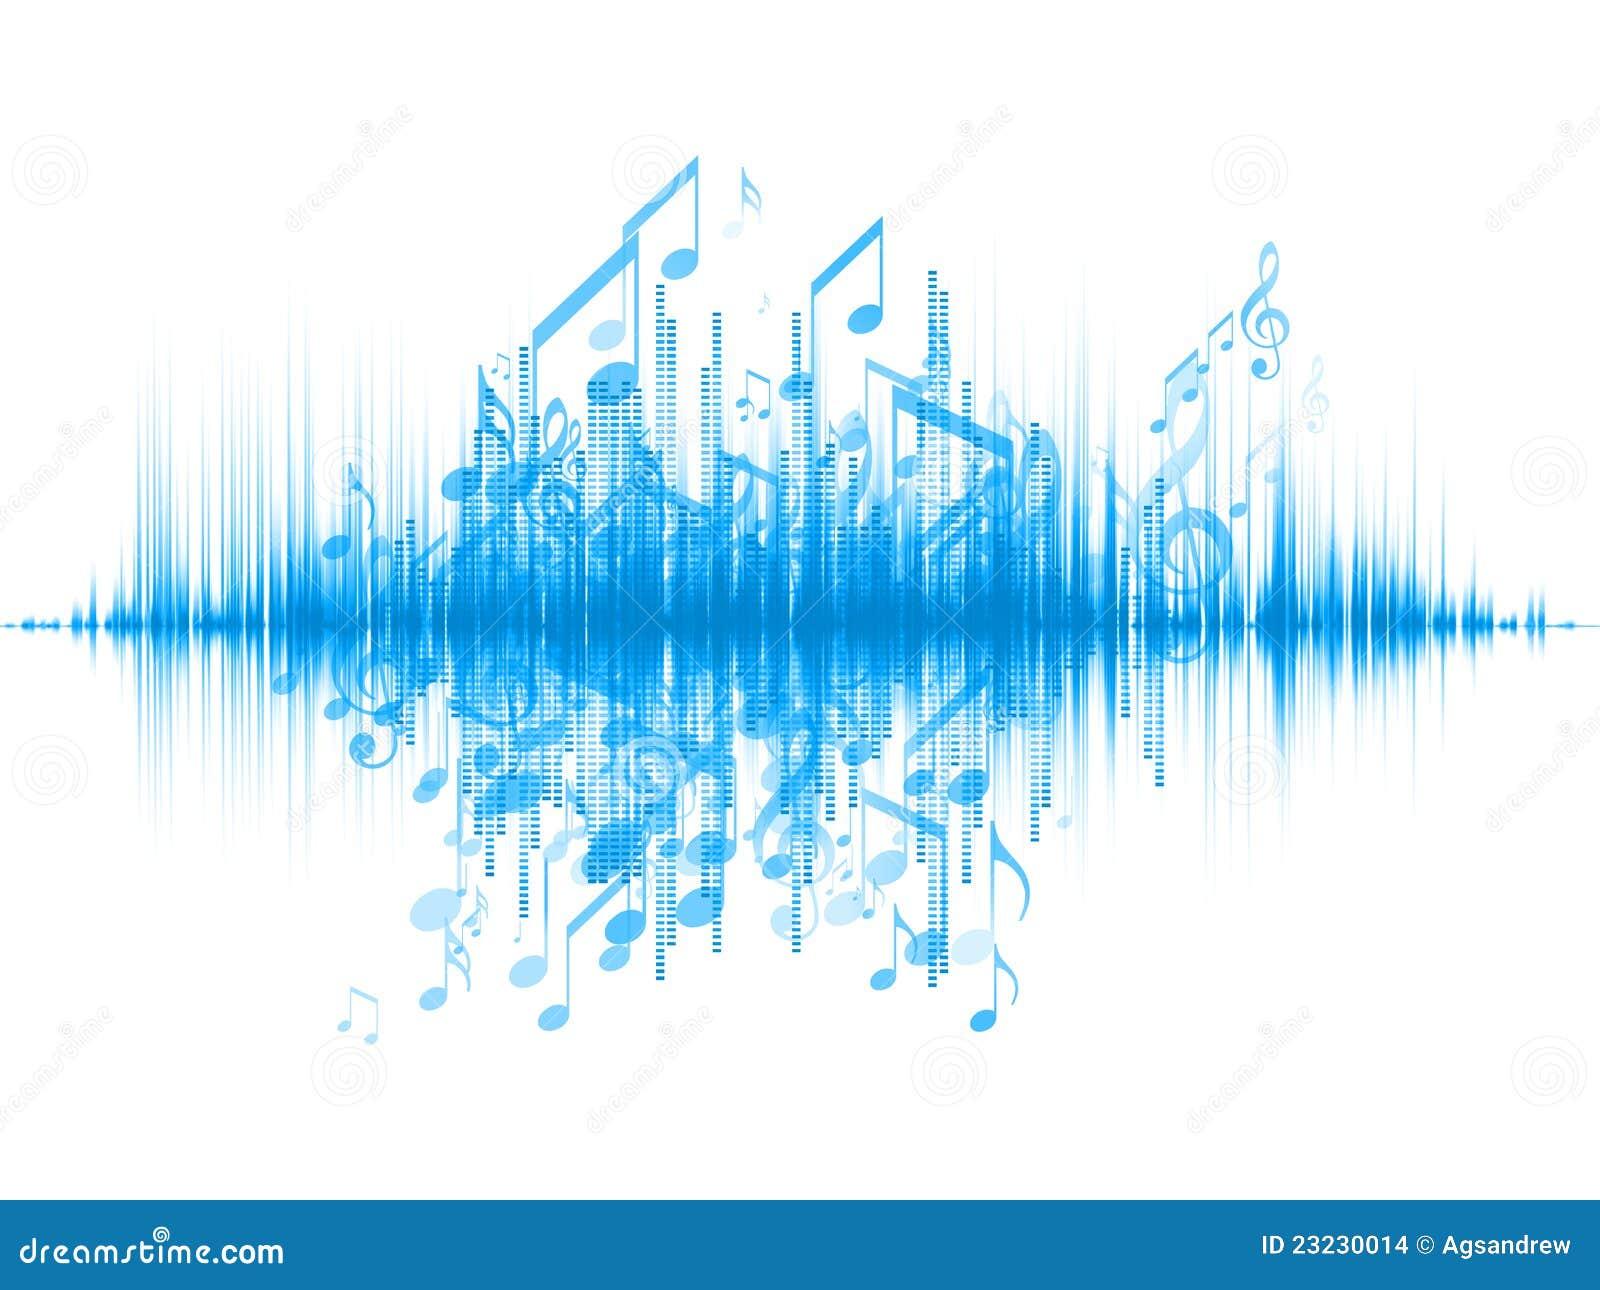 Производитель: как называются волны реагирующие на музыку автобус телефоны даты